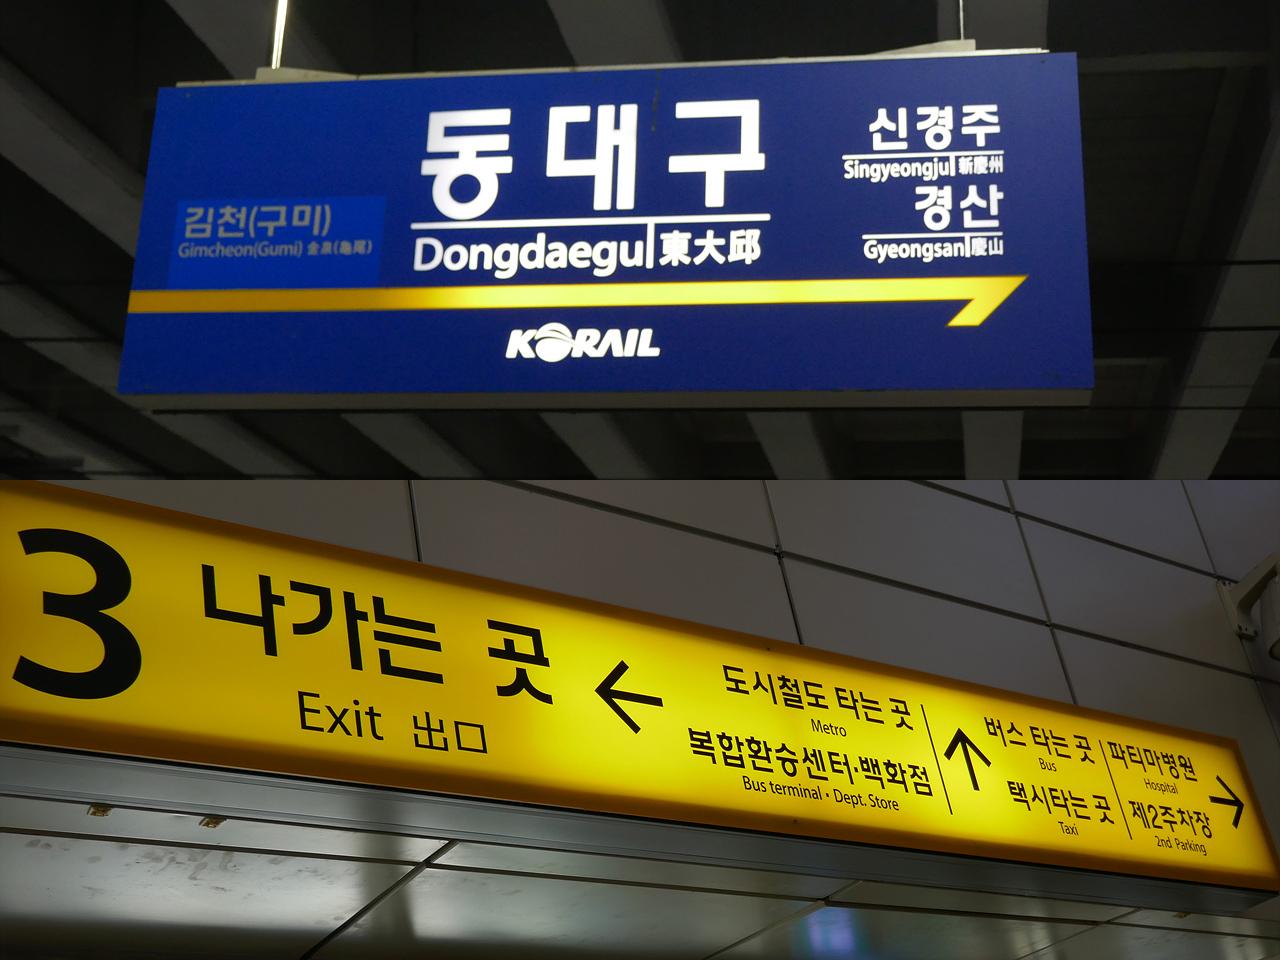 동대구역에 내린 뒤 3번 출구로 나가면 도시철도를 탈 수 있다.